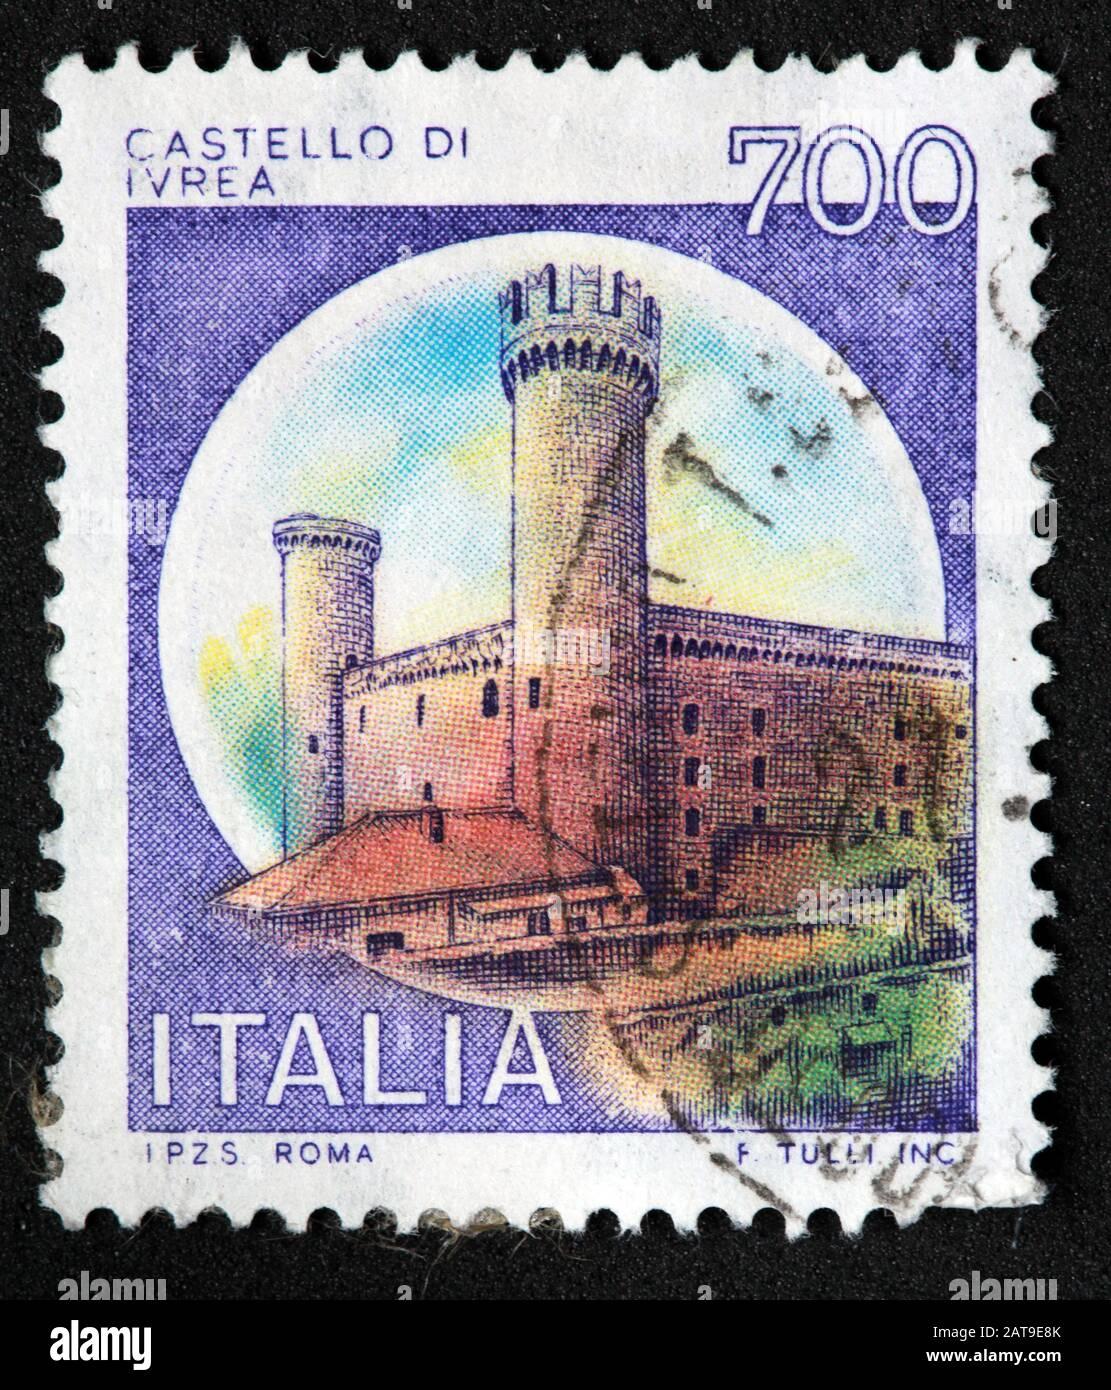 Hotpixuk,@Hotpixuk,GoTonySmith,stamp,postal,franked,frank,used stamps,used franked,used,franked stamp,from envelope,history,historic,old,Italy,Italian,Italia,Italy Stamp,Rome,Roma,700,700L,Italia 700lire,Italia 700lire Castello,castle,italian stamp,franked Italian stamp,used Italian stamp,Italy stamp